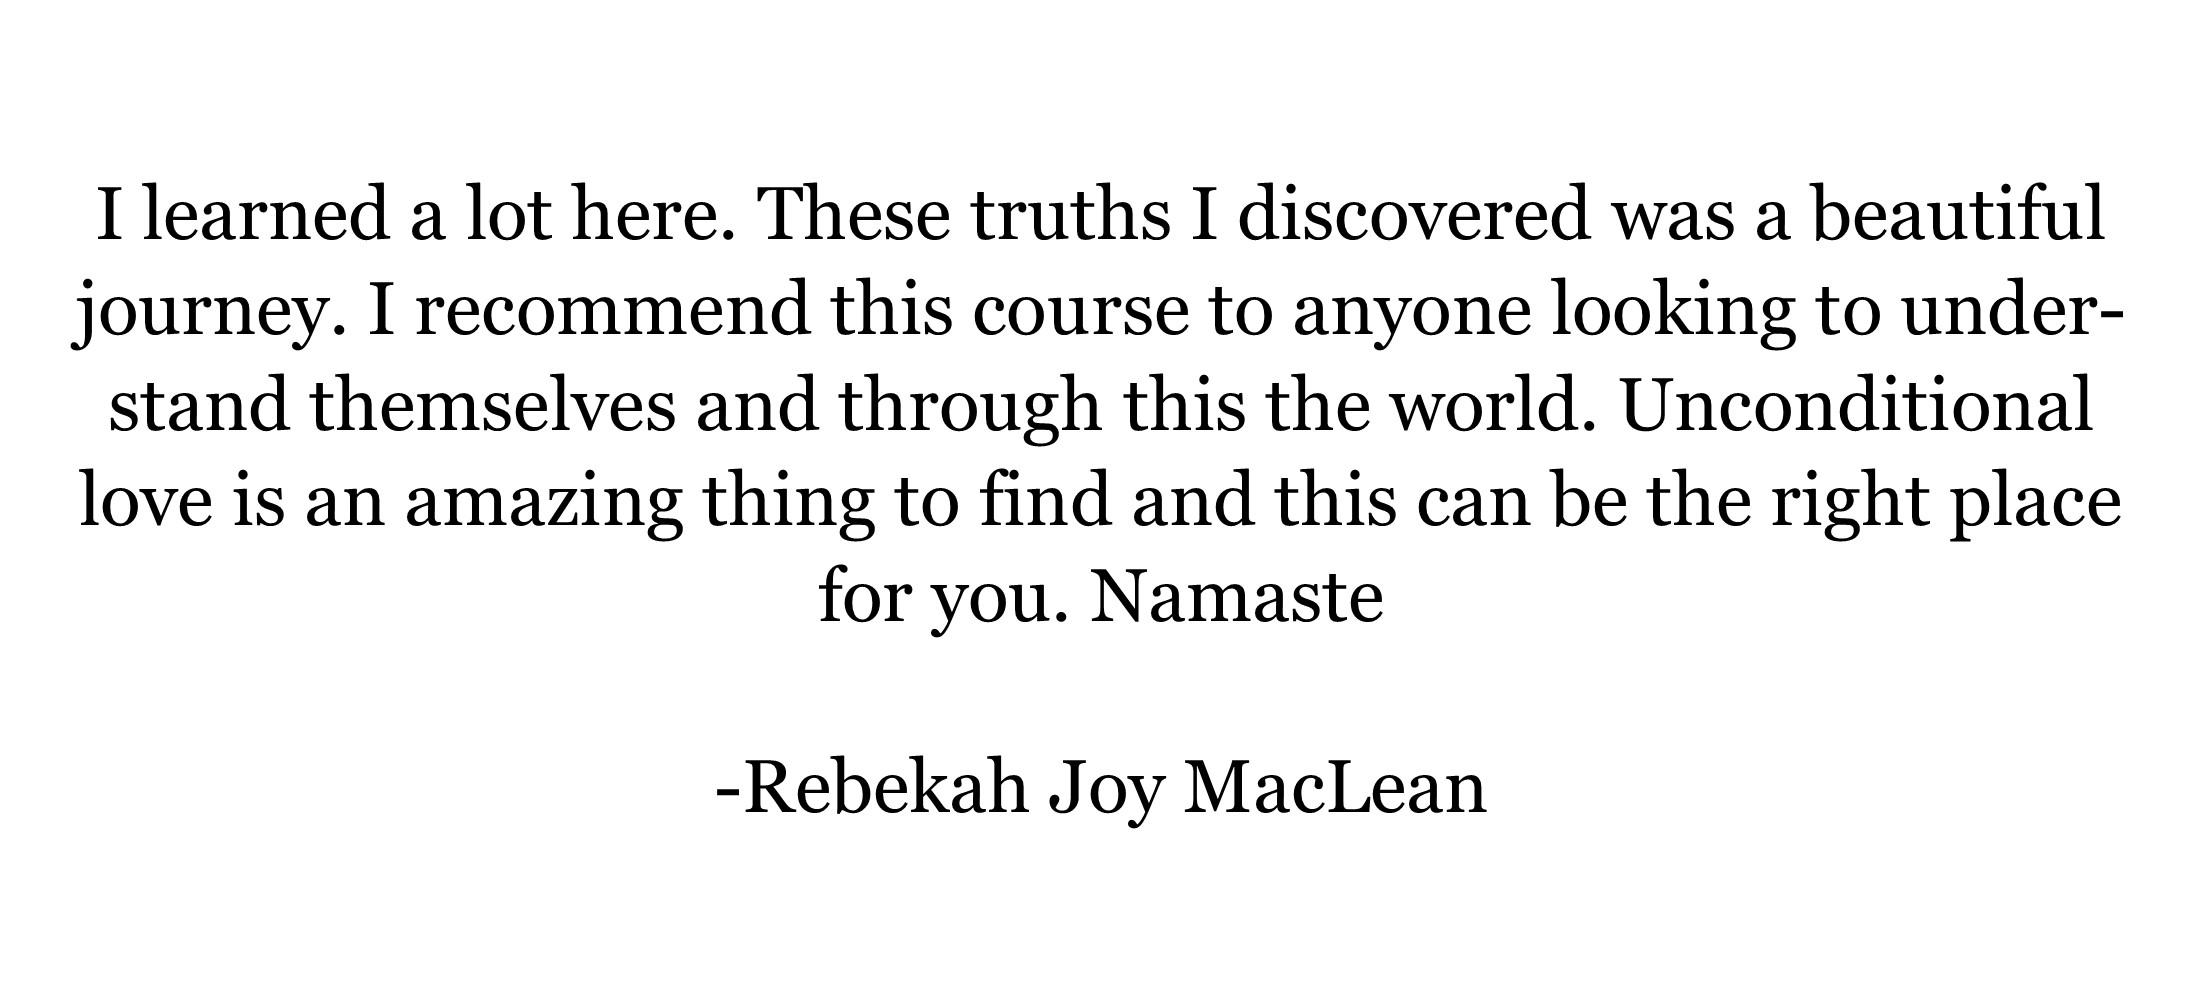 Rebekah MacLean